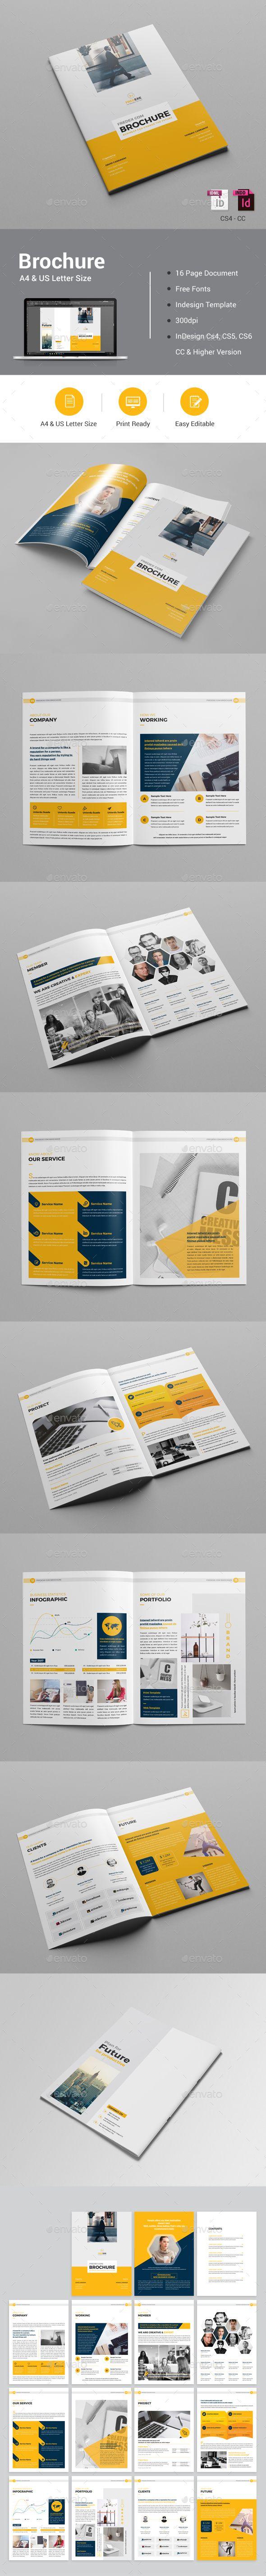 Brochure | Diseño editorial, Branding y Empaques